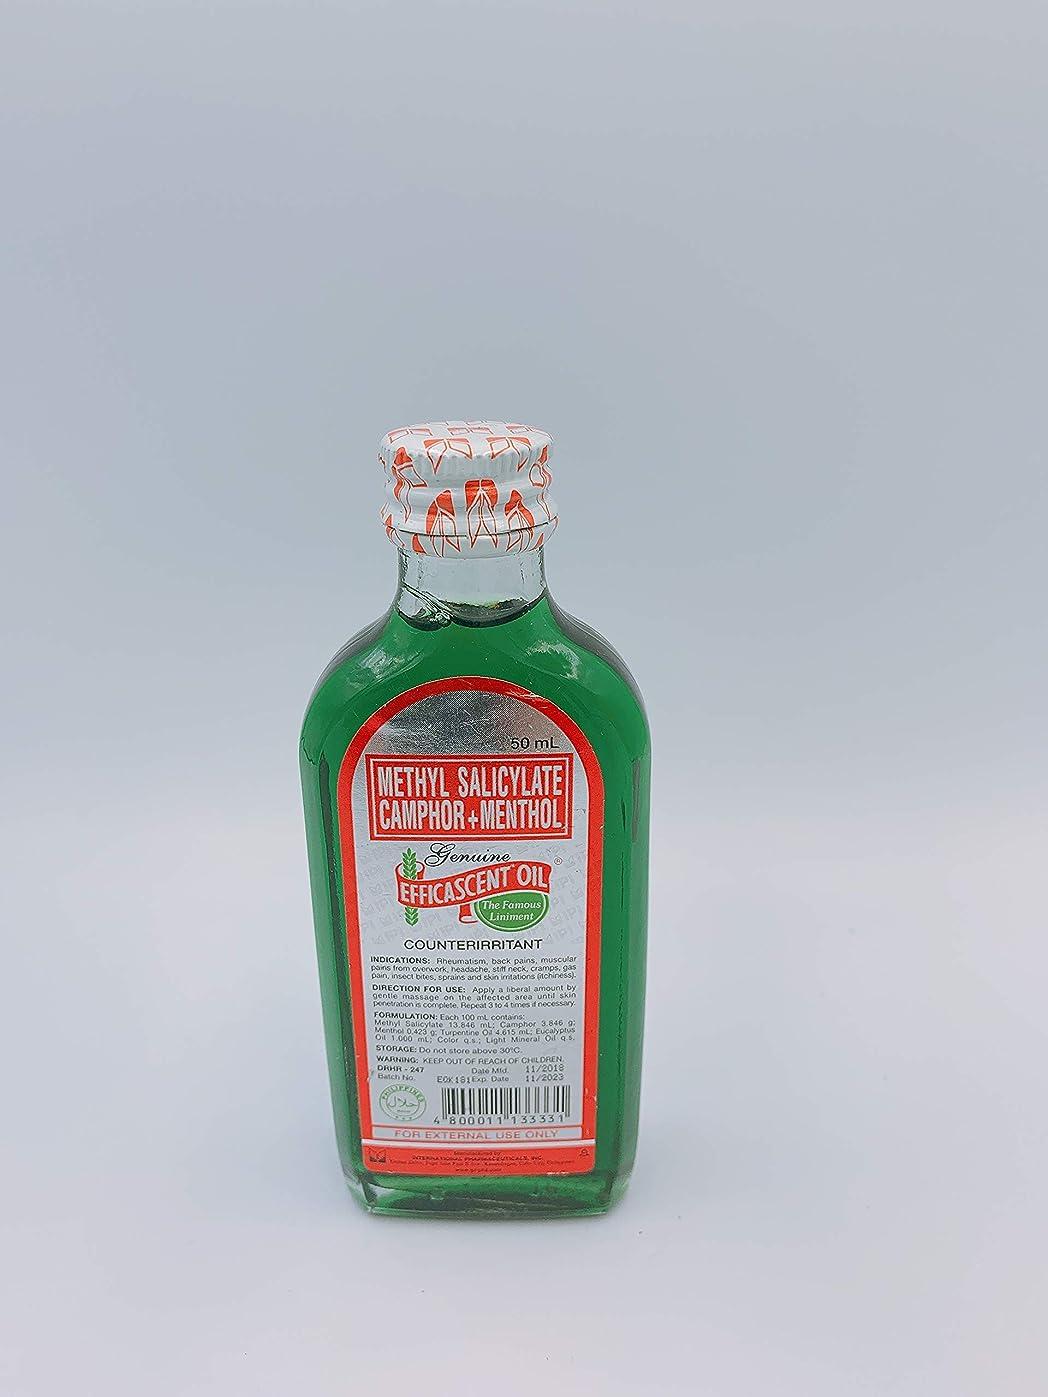 アメリカ実際監査EFFICASCENT OIL 50ml 【エフィカセント マッサージオイル 50ml】